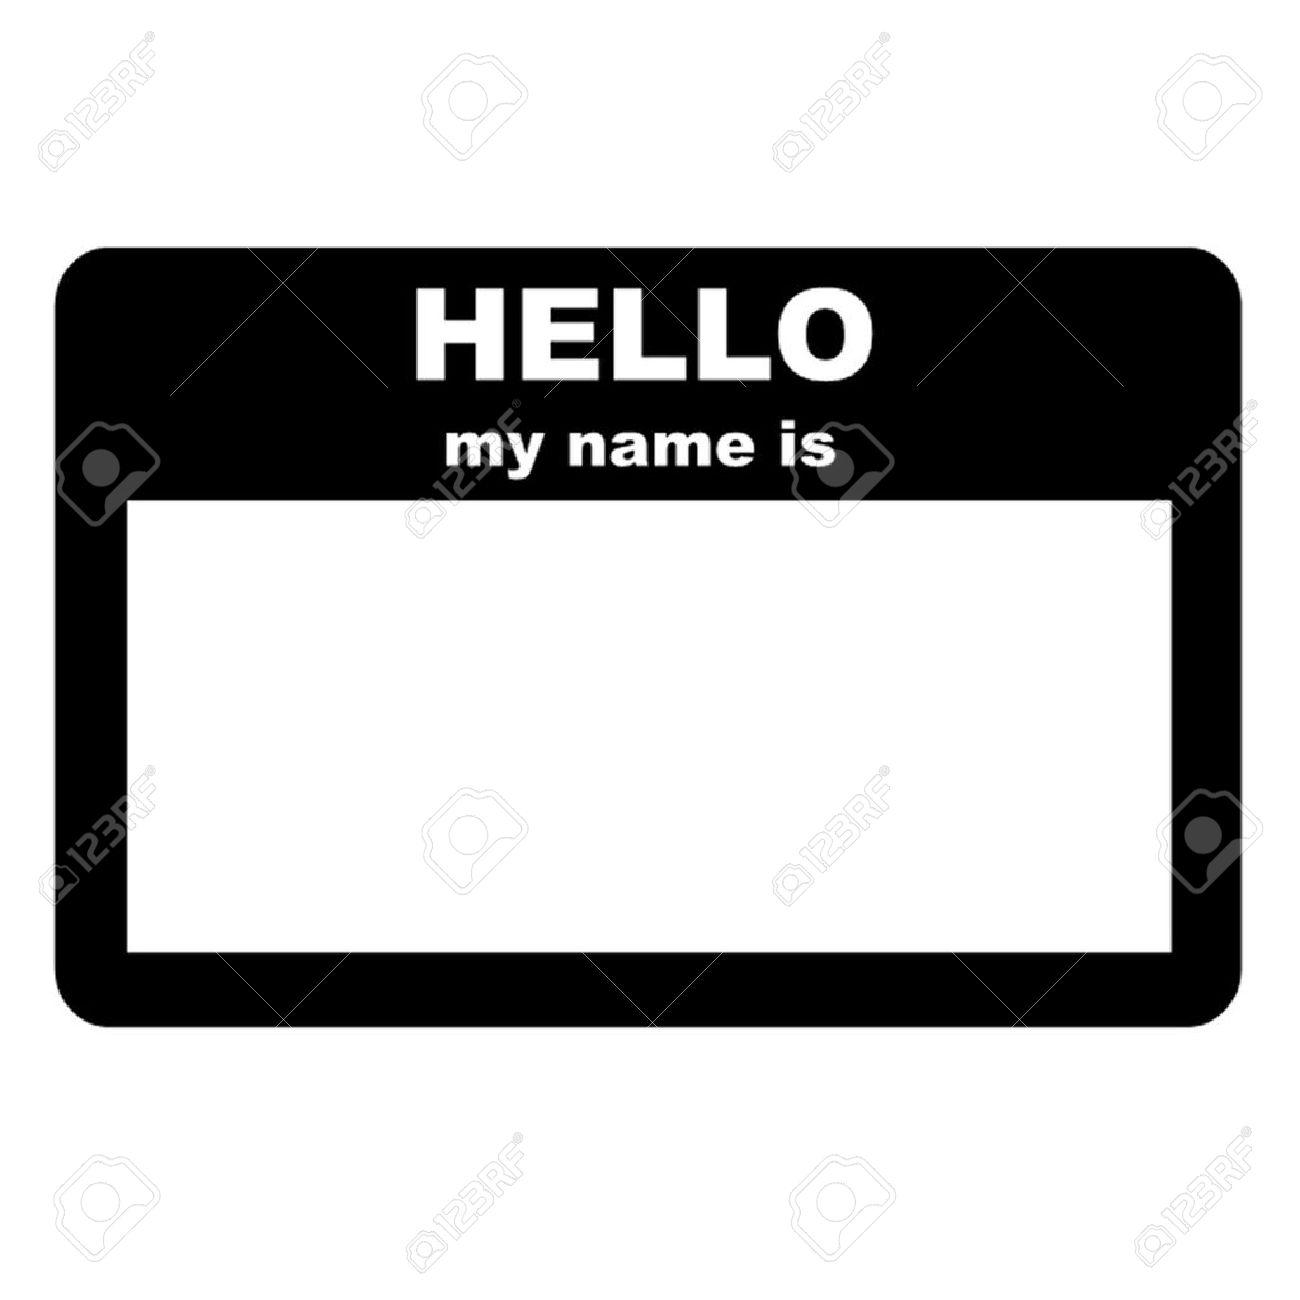 Name tag.